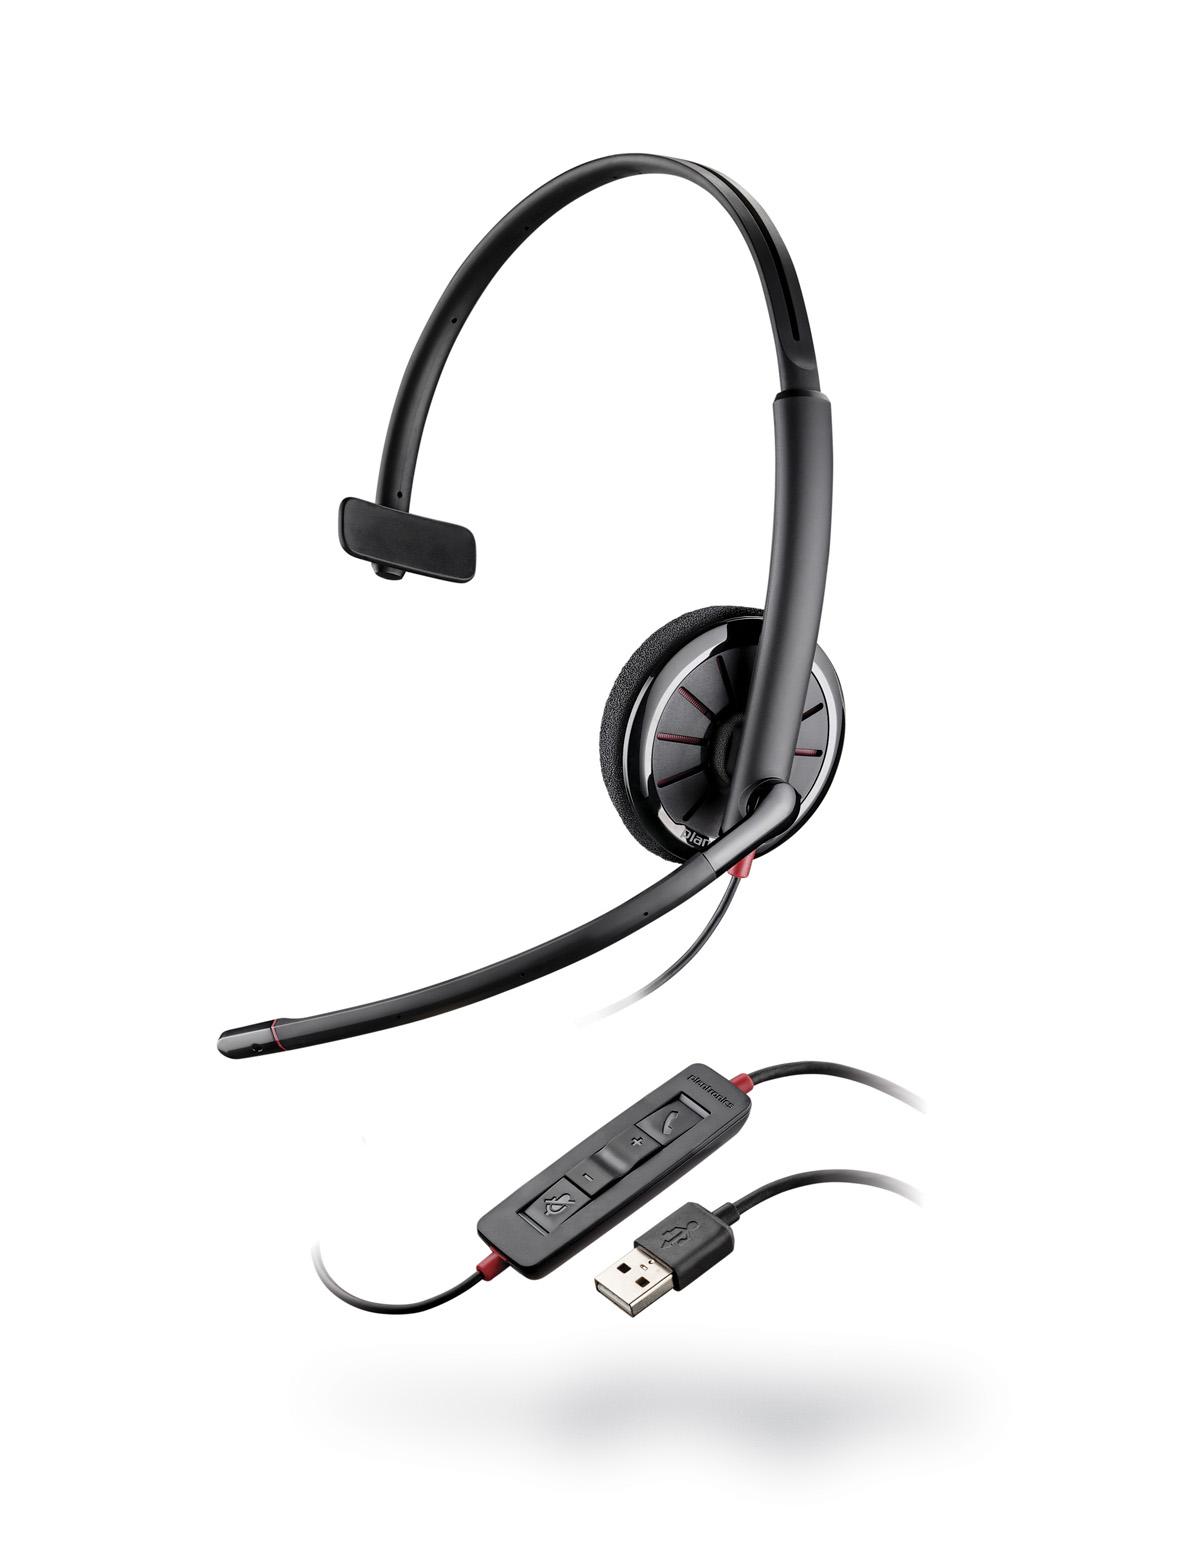 PLANTRONICS náhlavní souprava BLACKWIRE C320-M, USB, stereo